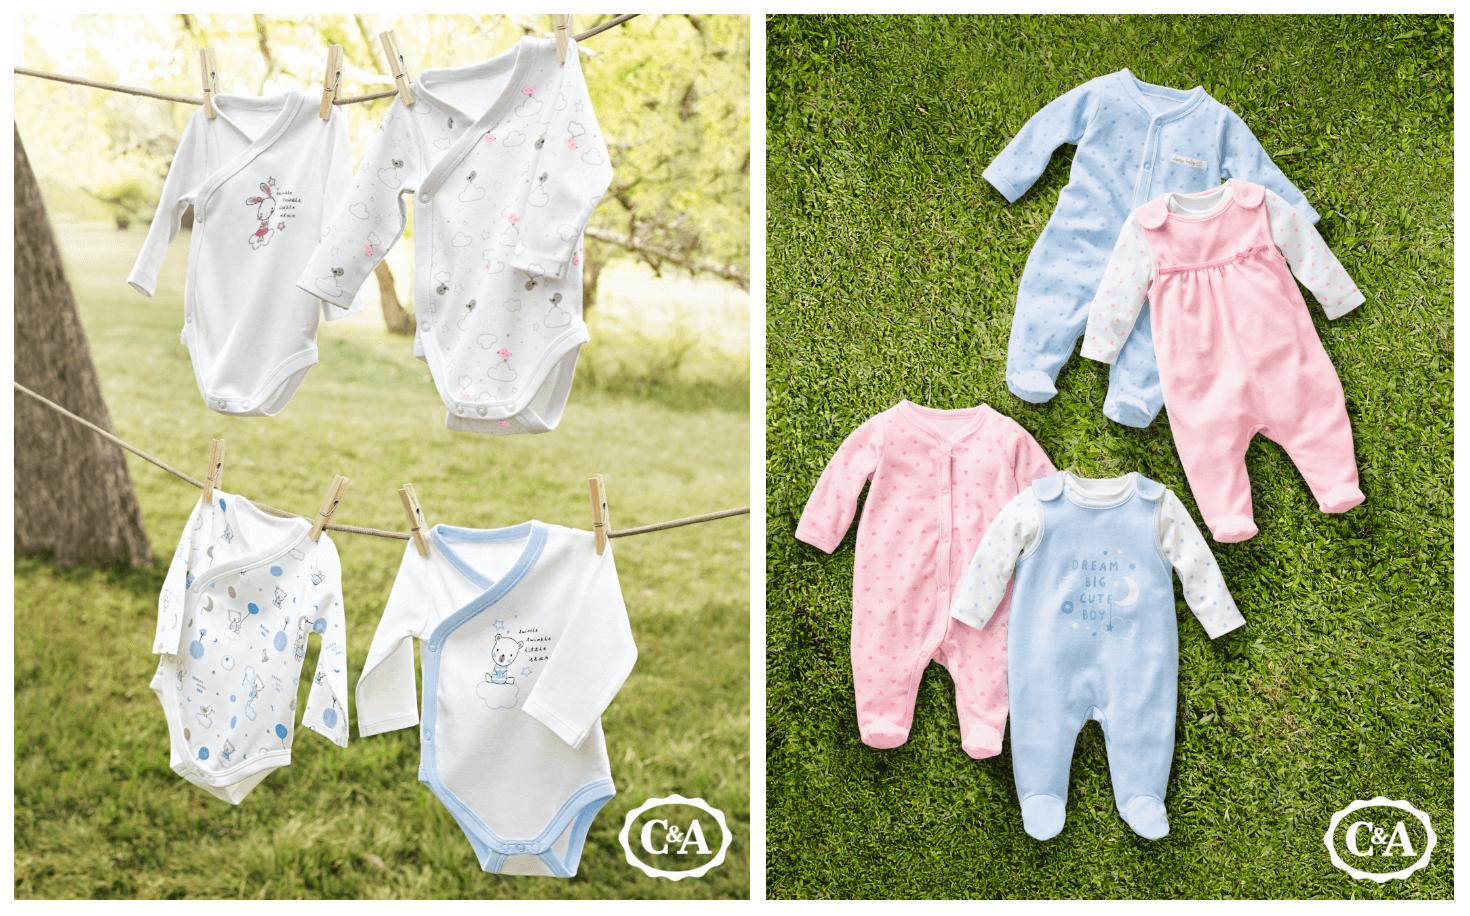 c&a online-shop: shoppen für mama und baby | meinbaby123.de